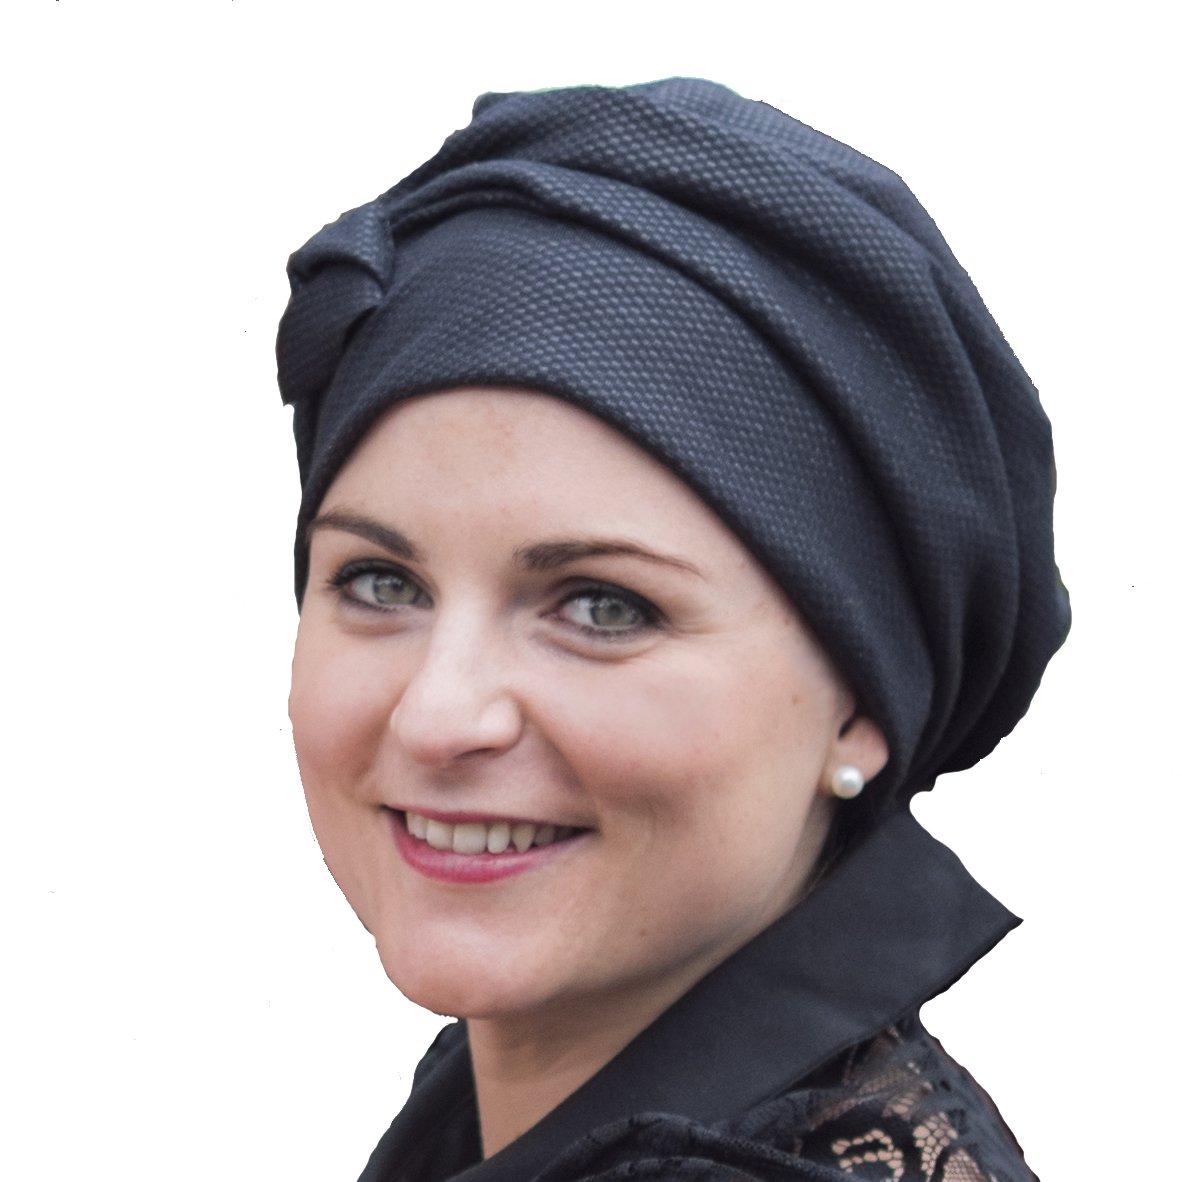 Raffinato berretto nero Maya da indossare con o senza capelli.